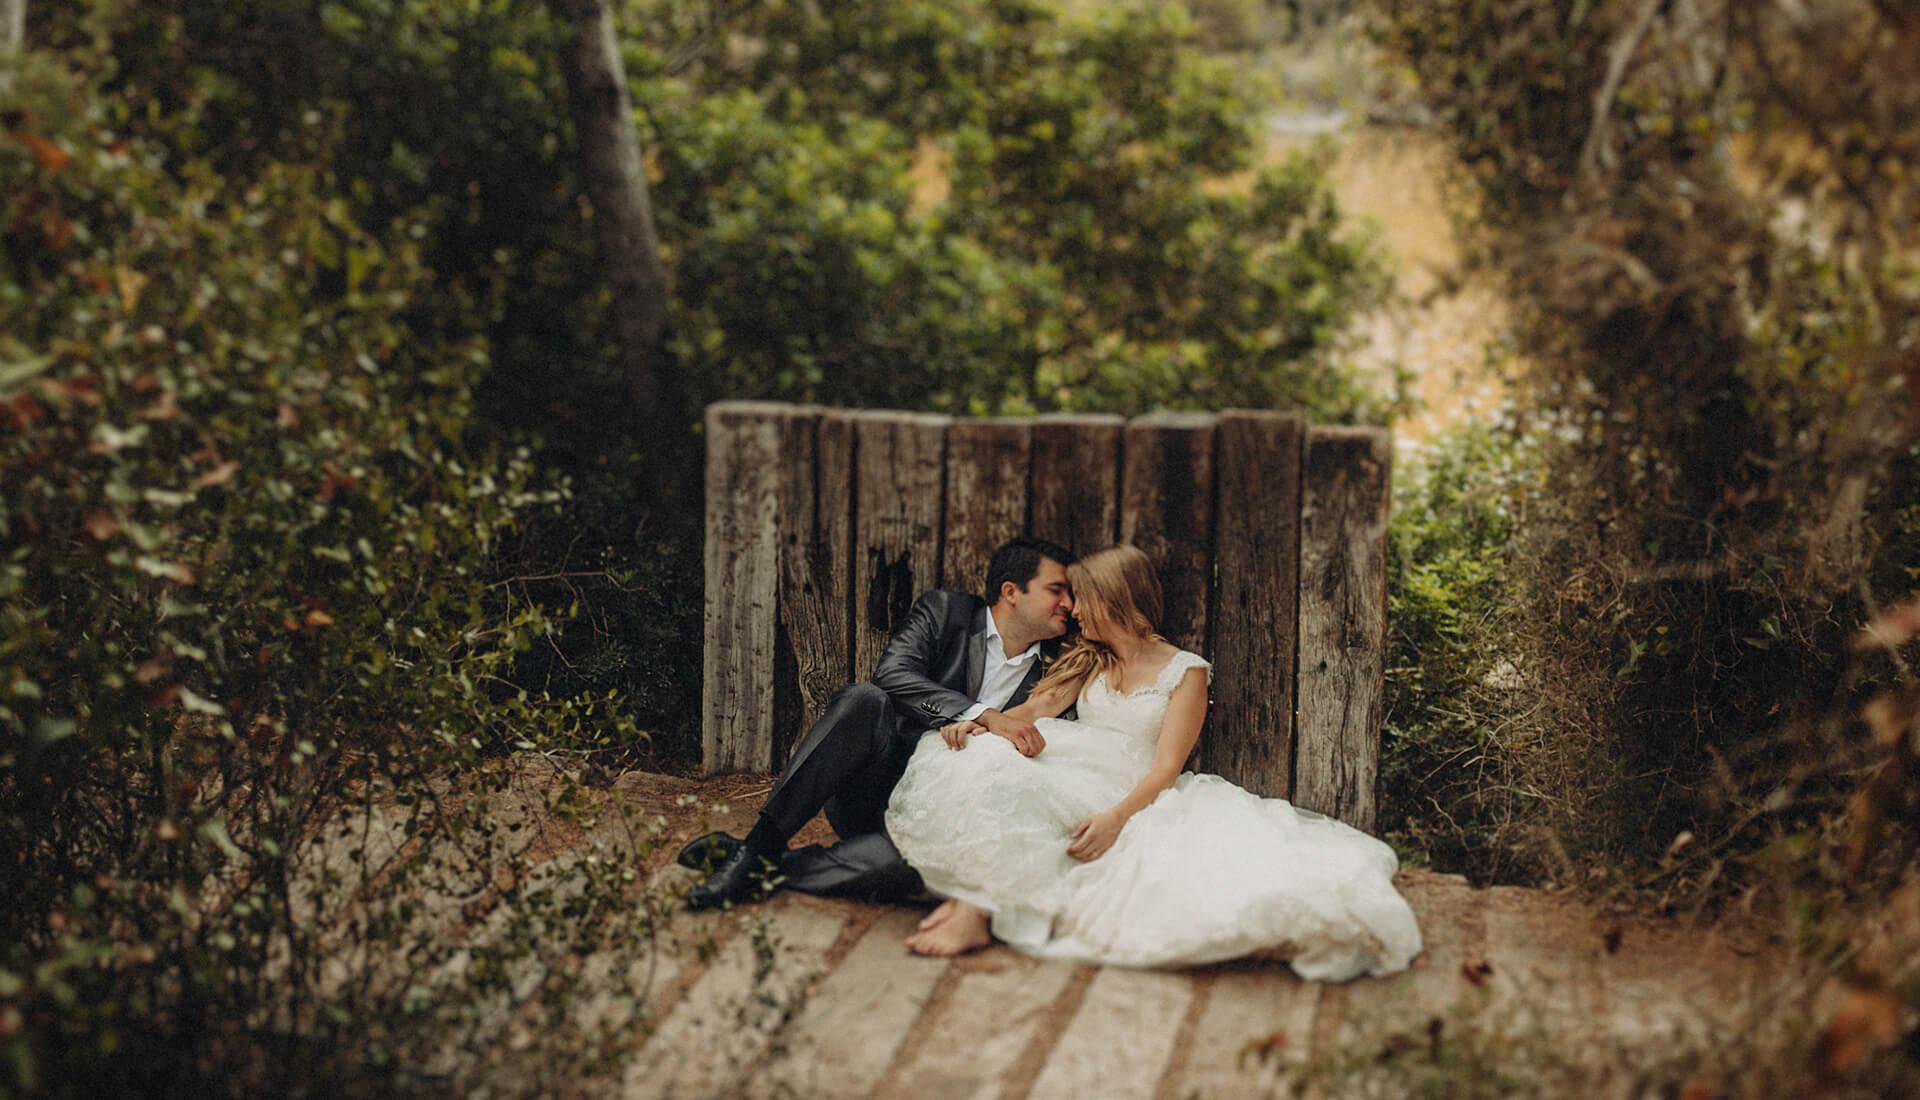 ¿Cómo te gustaría recordar <br />el día de tu boda?